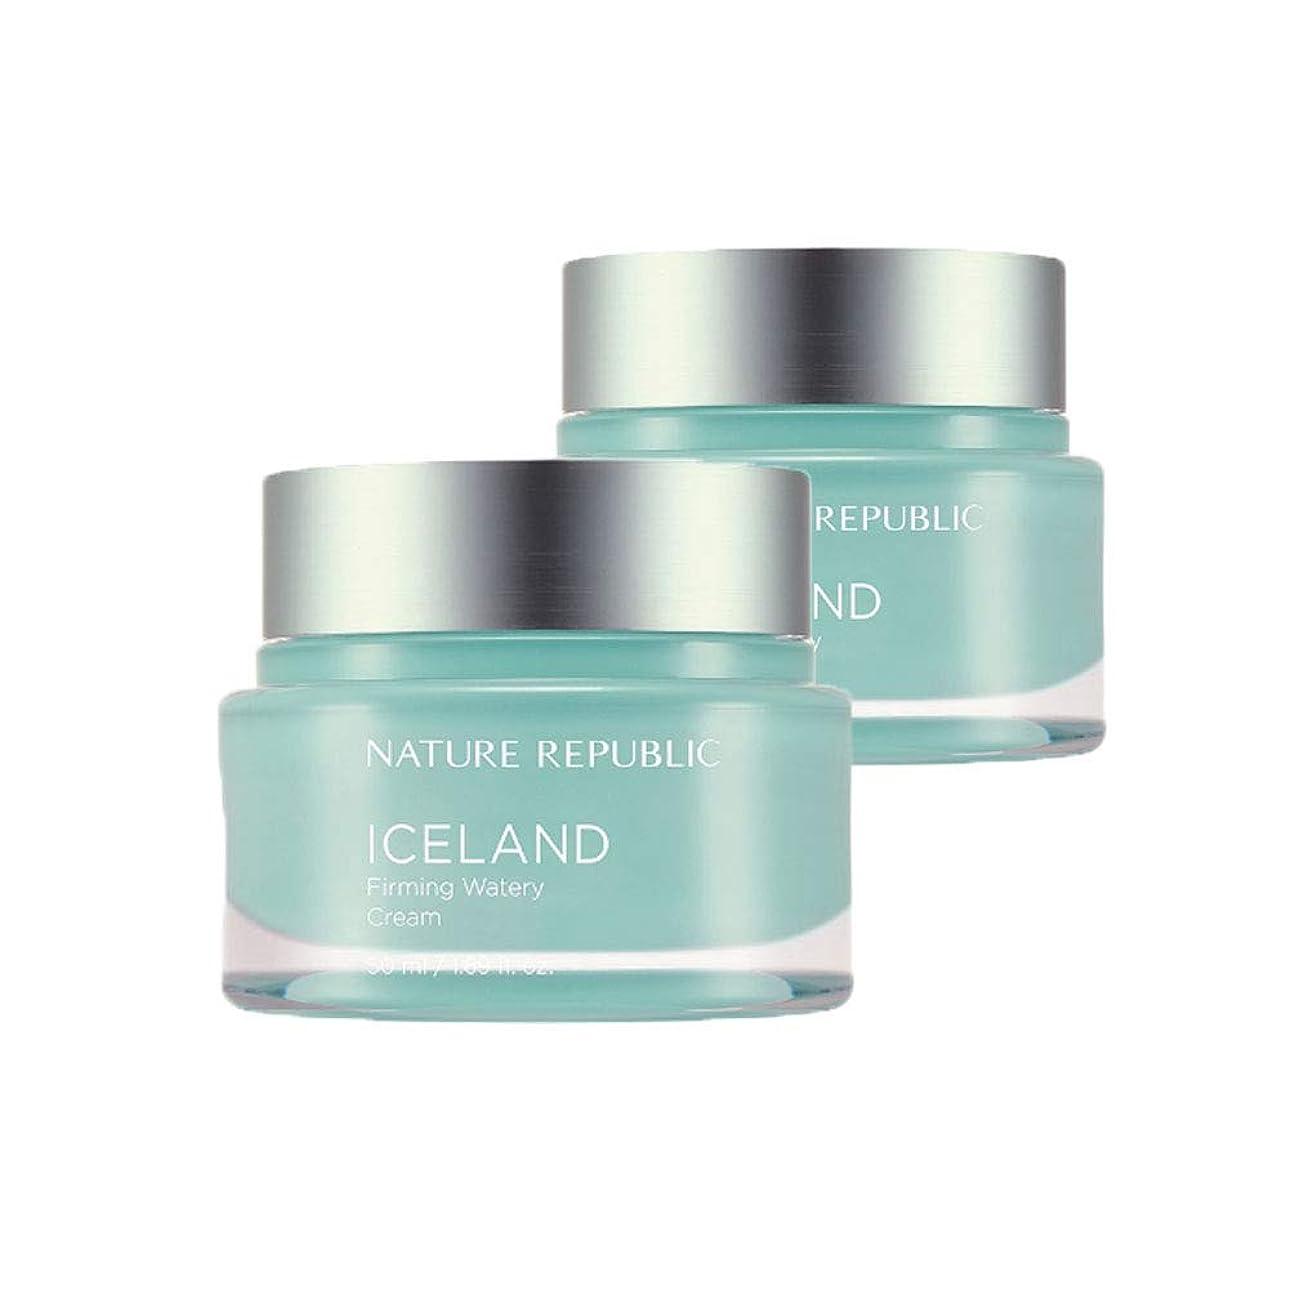 シェフマトロンプロペラネイチャーリパブリックアイスランドファーミング水分クリーム50mlx2本セット韓国コスメ、Nature Republic Iceland Firming Watery Cream 50ml x 2ea Set Korean Cosmetics [並行輸入品]